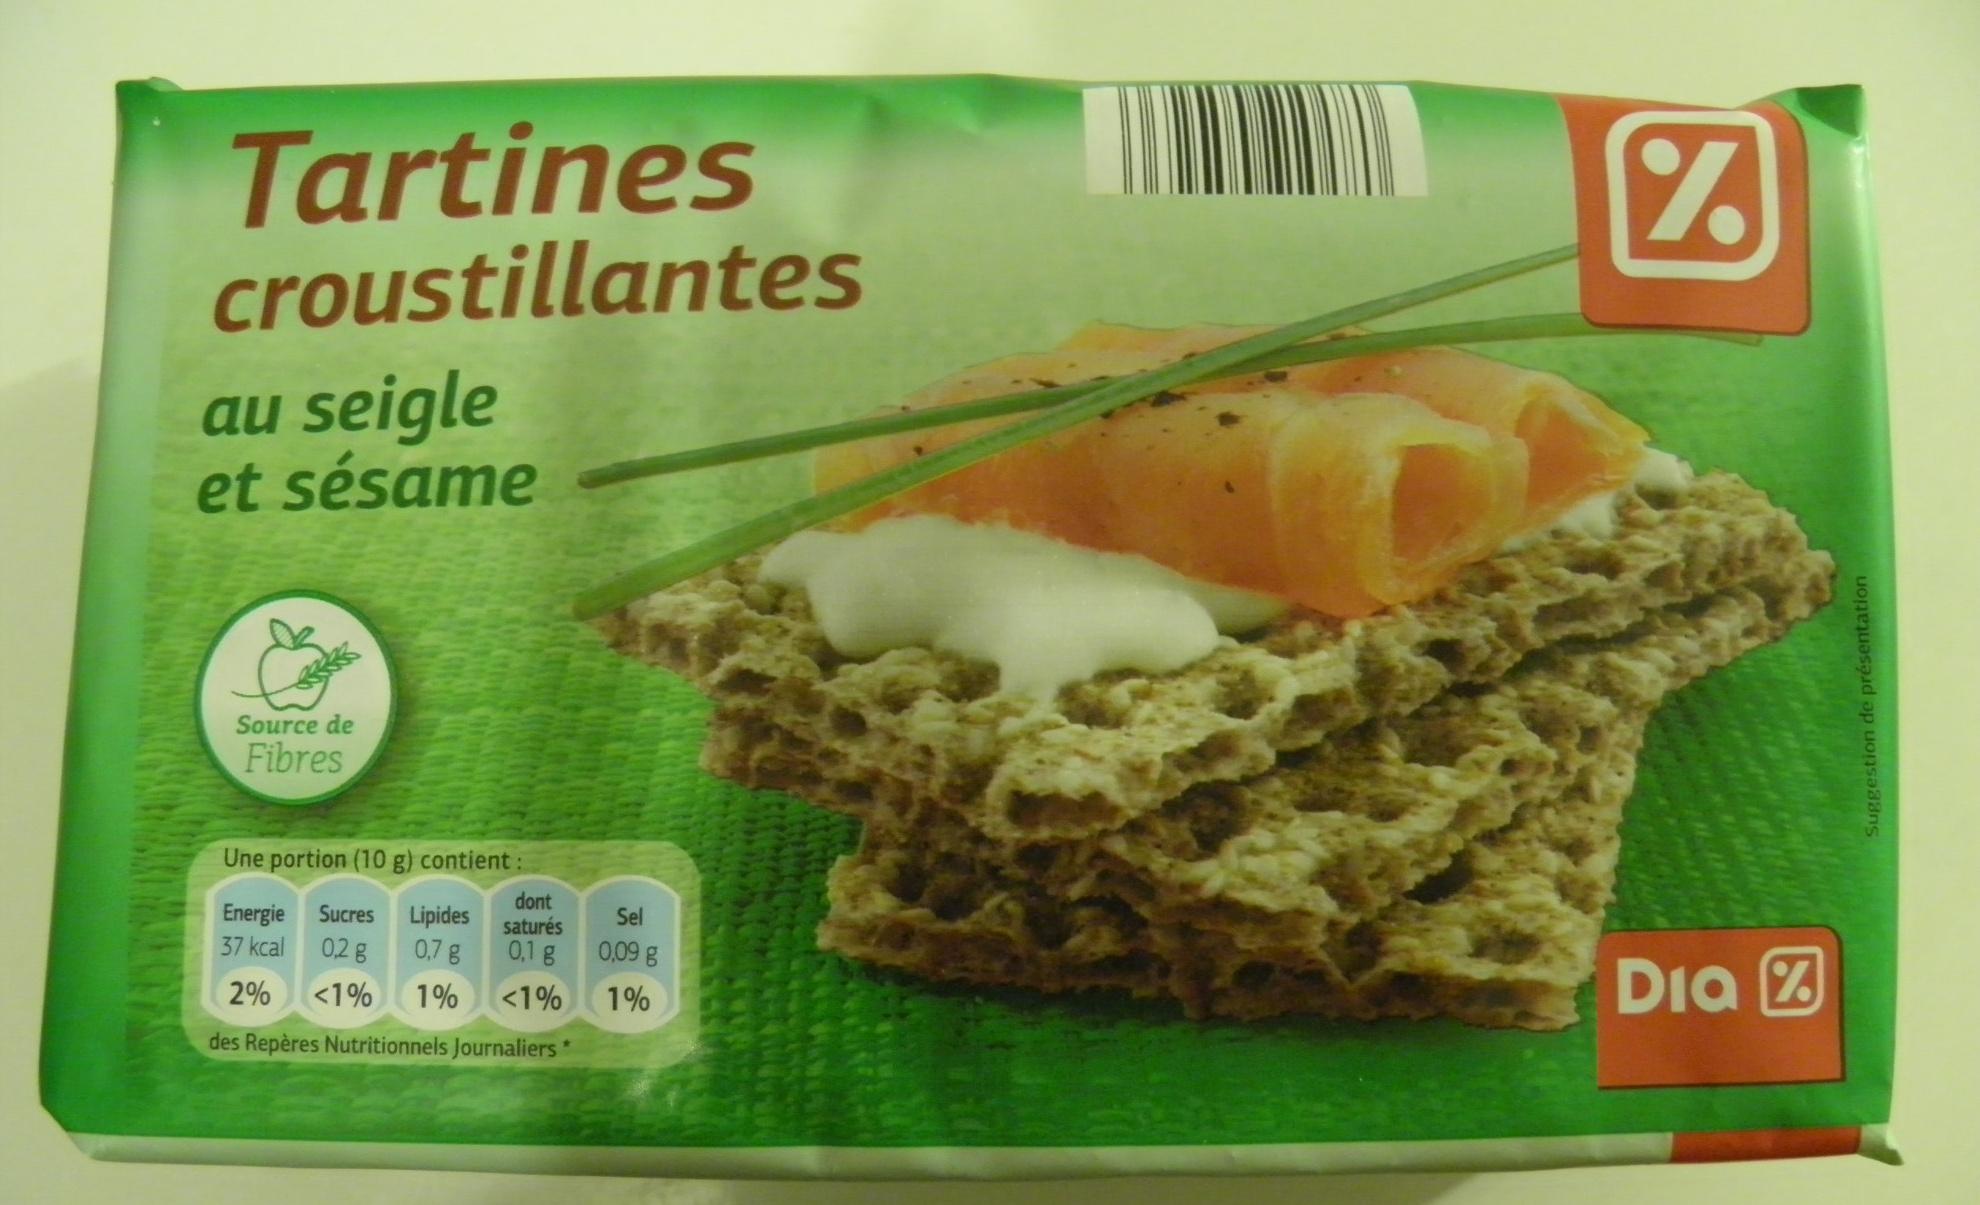 Tartines croustillantes au seigle et sésame Dia - Produit - fr